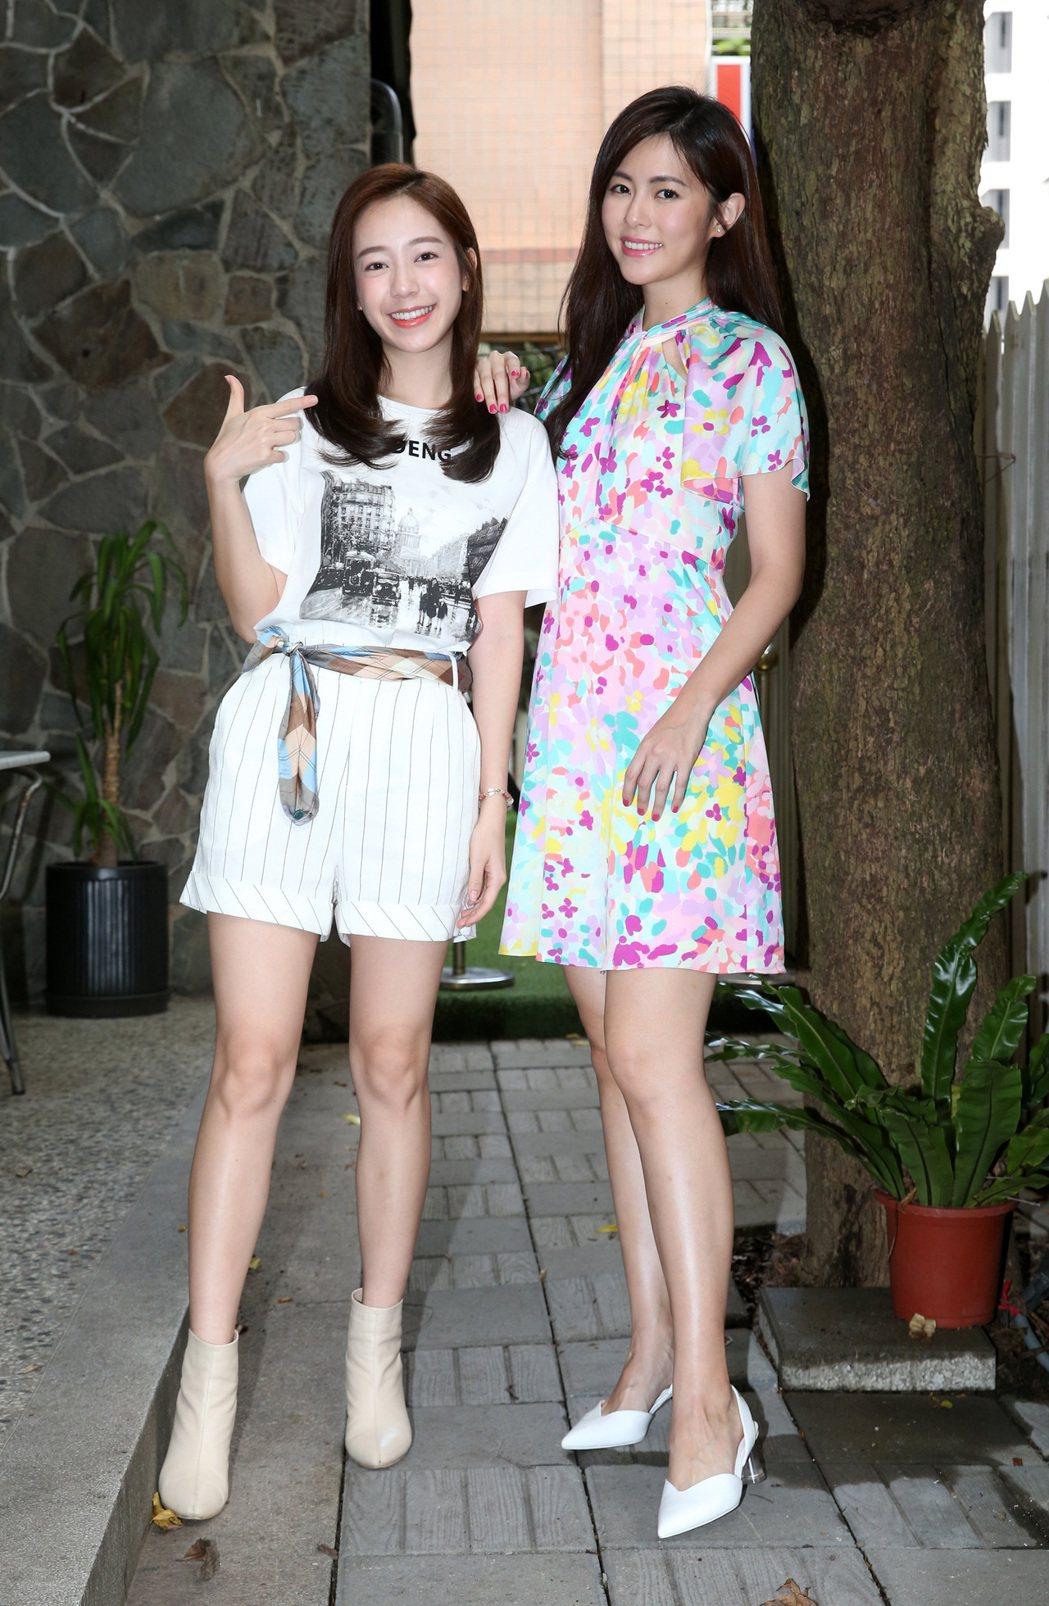 陳天仁(左)、任容萱(右)在「驚夢49天」有突破演出。圖/記者胡經周攝